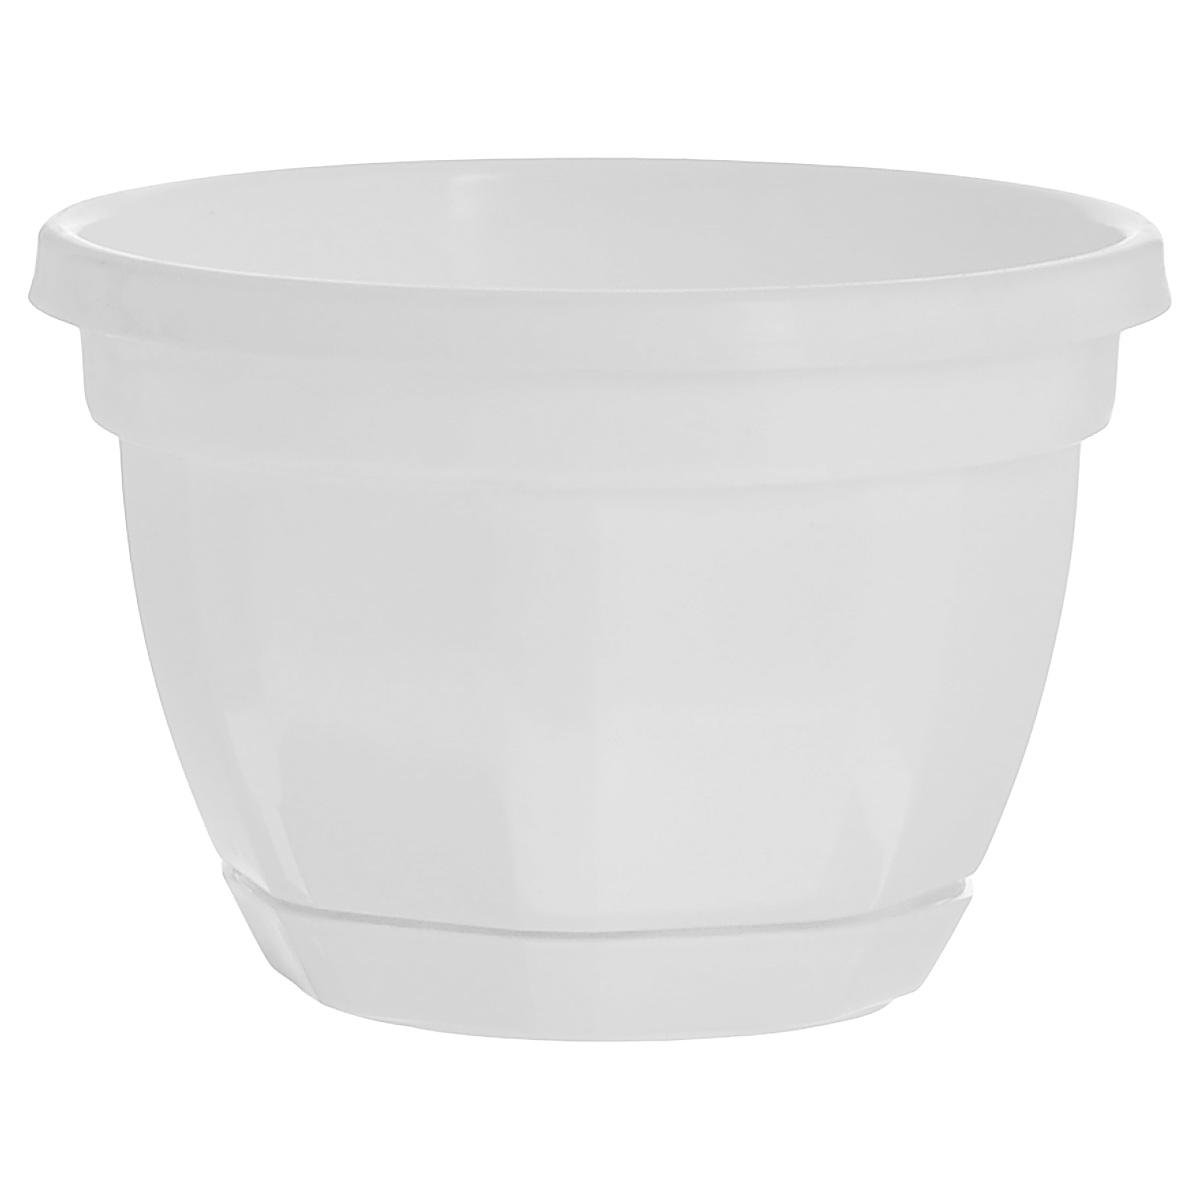 Кашпо Инстар Ника, с поддоном, цвет: белый, диаметр 20 смМ 3053Кашпо Инстар Ника изготовлено из прочного пластика и предназначено для выращивания растений, цветов и трав в домашних условиях. Специальный поддон собирает воду. Такое кашпо порадует вас дизайном и функциональностью, а также прекрасно подойдет под любой интерьер.